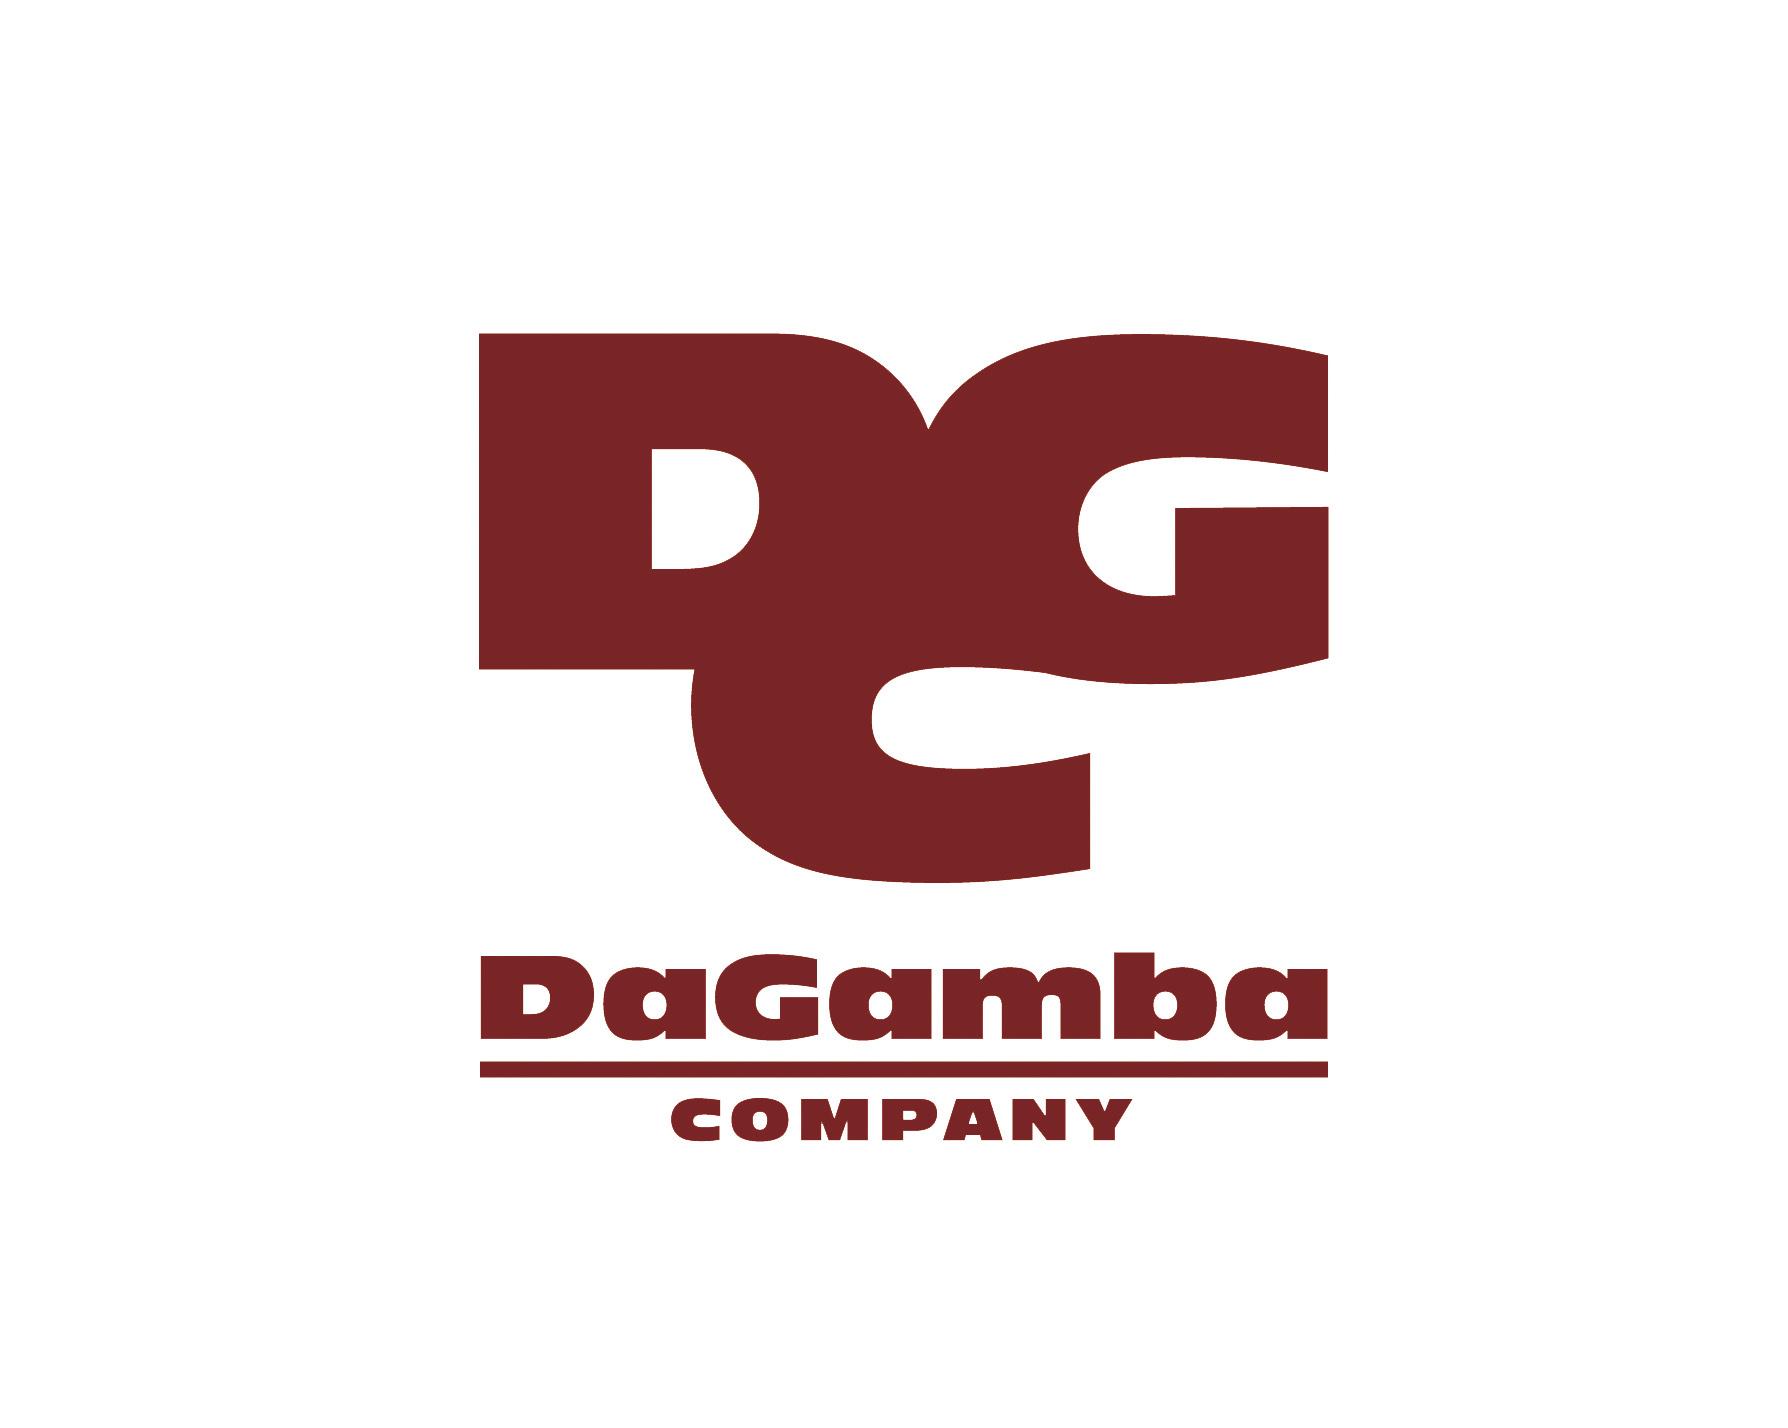 DaGambaCompany lg8